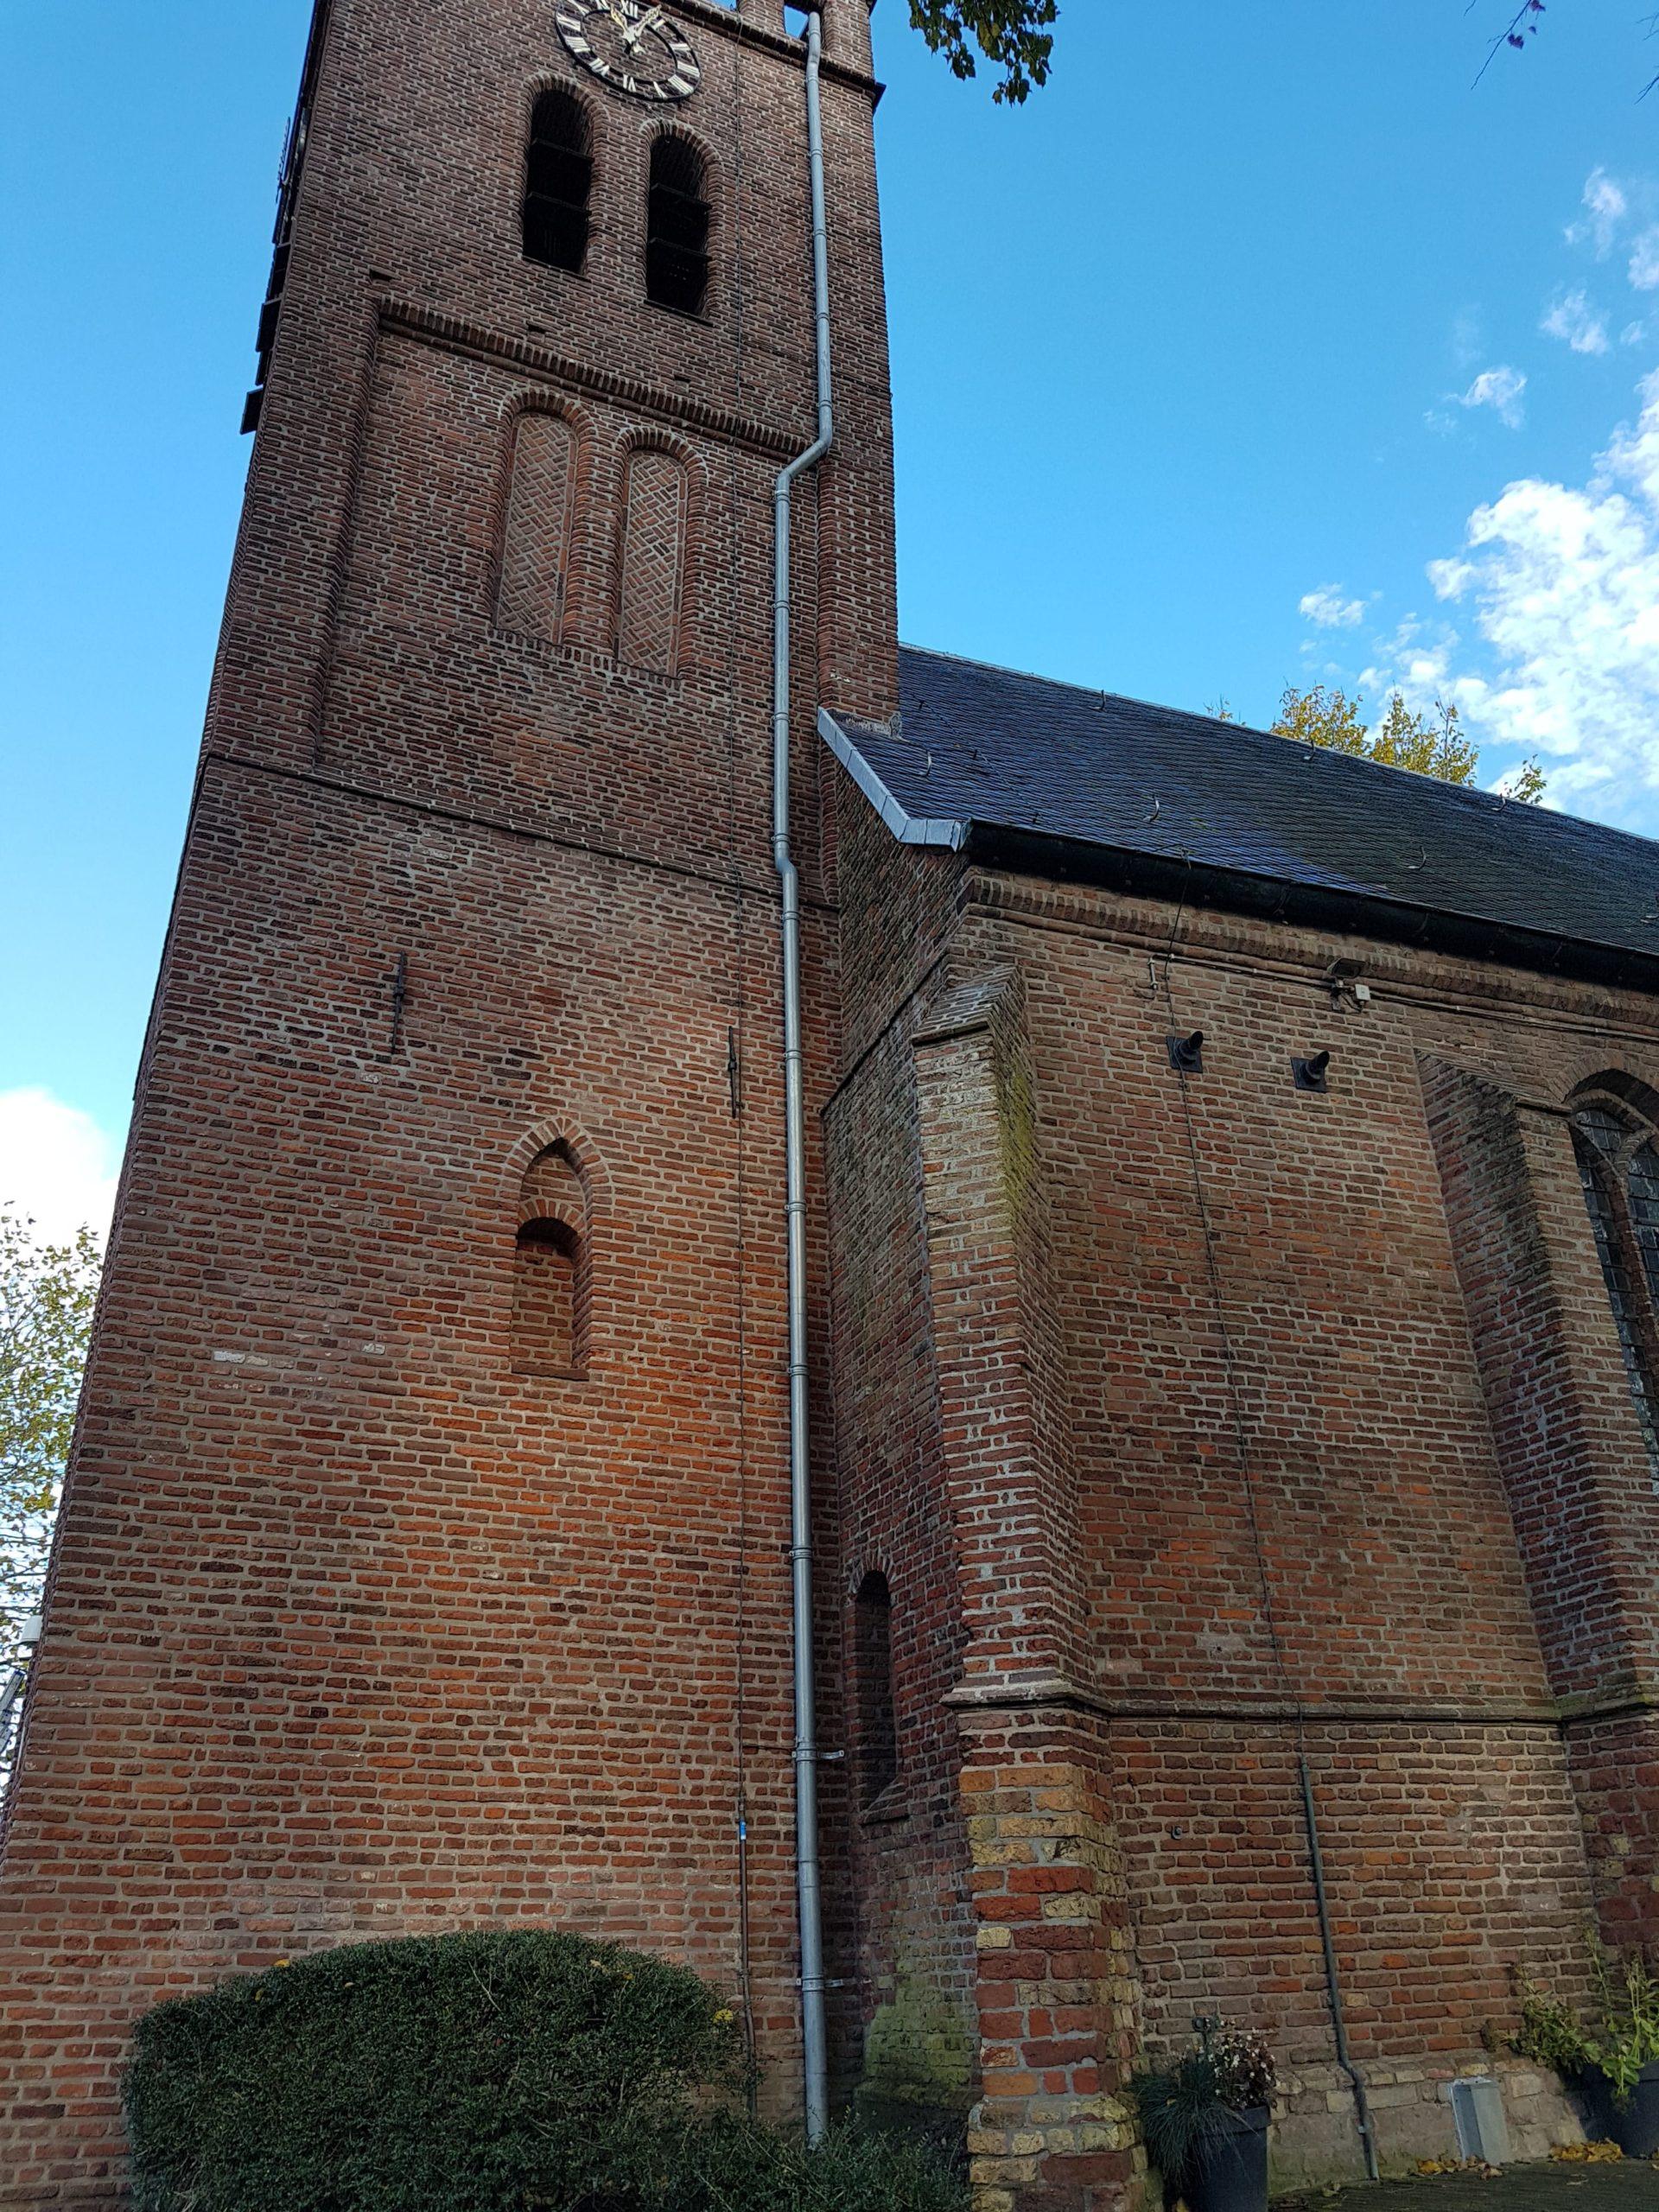 De Oude situatie: regenpijp aan de buitenzijde van de toren.